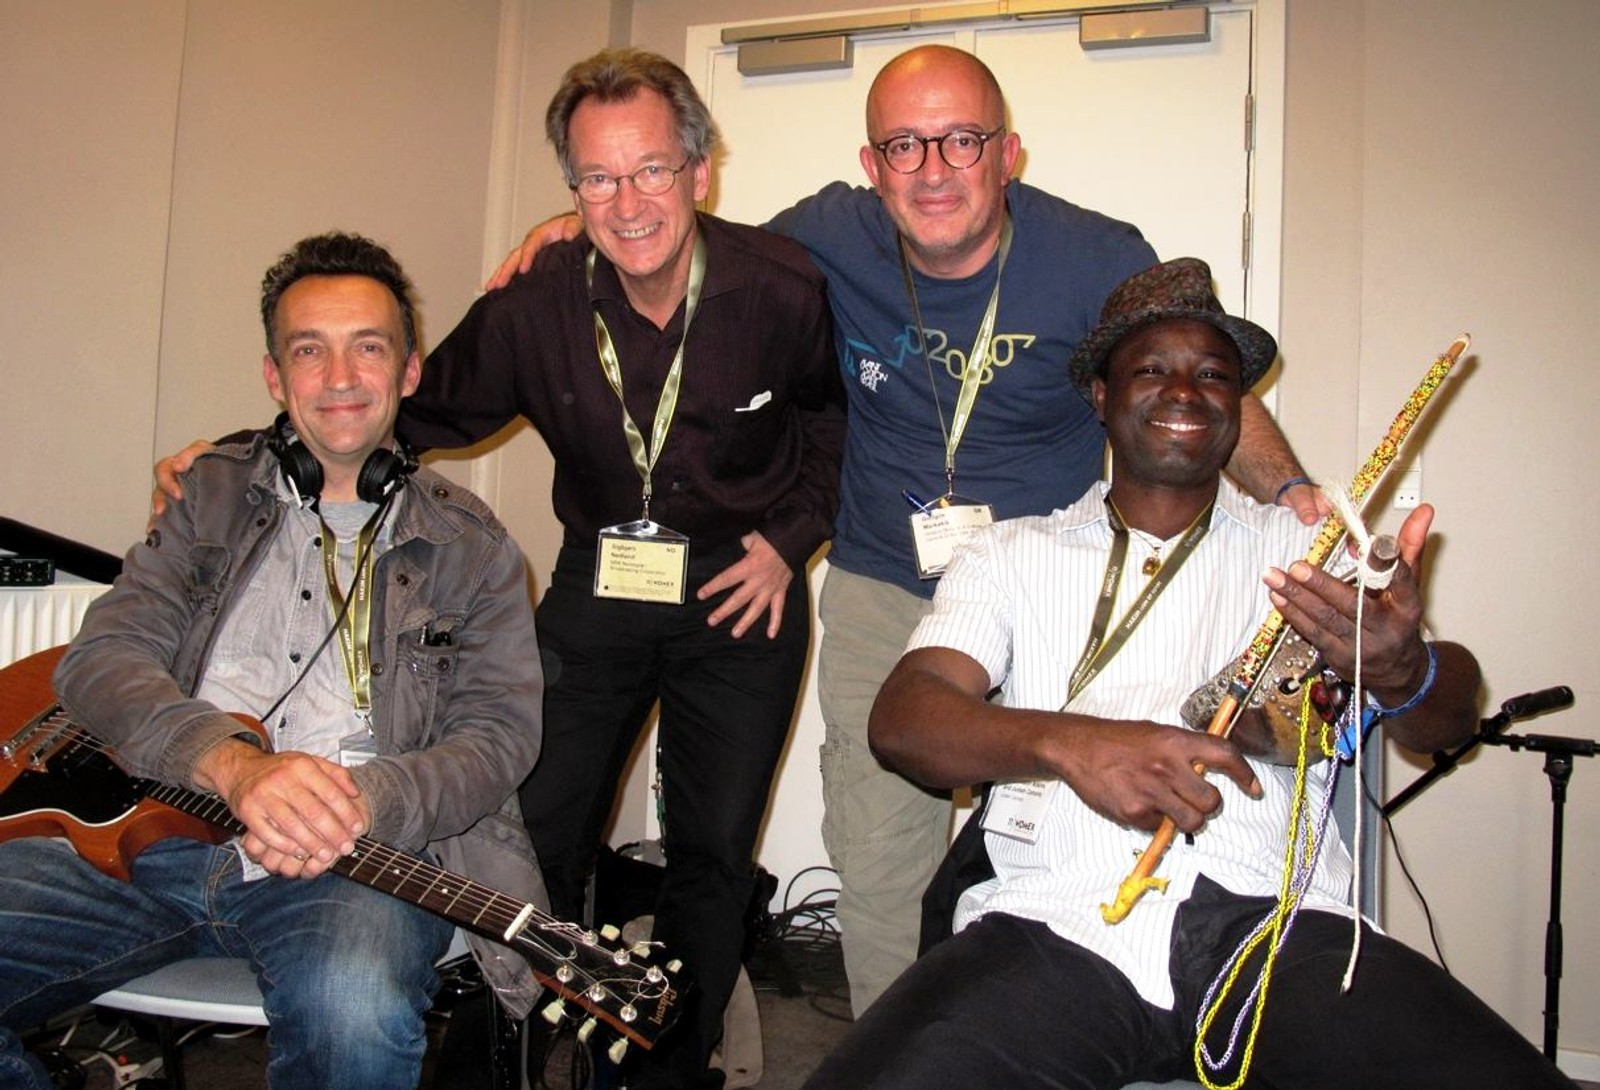 Sigbjørn og vår greske kollega Georgios Markakis sammen med Justin Adams, den gamle gitaristen til Robert Plant, og Juldeh Camara etter et program som fikk «hederlig omtale» fra Prix Europa (et slags europamesterskap i radio.)